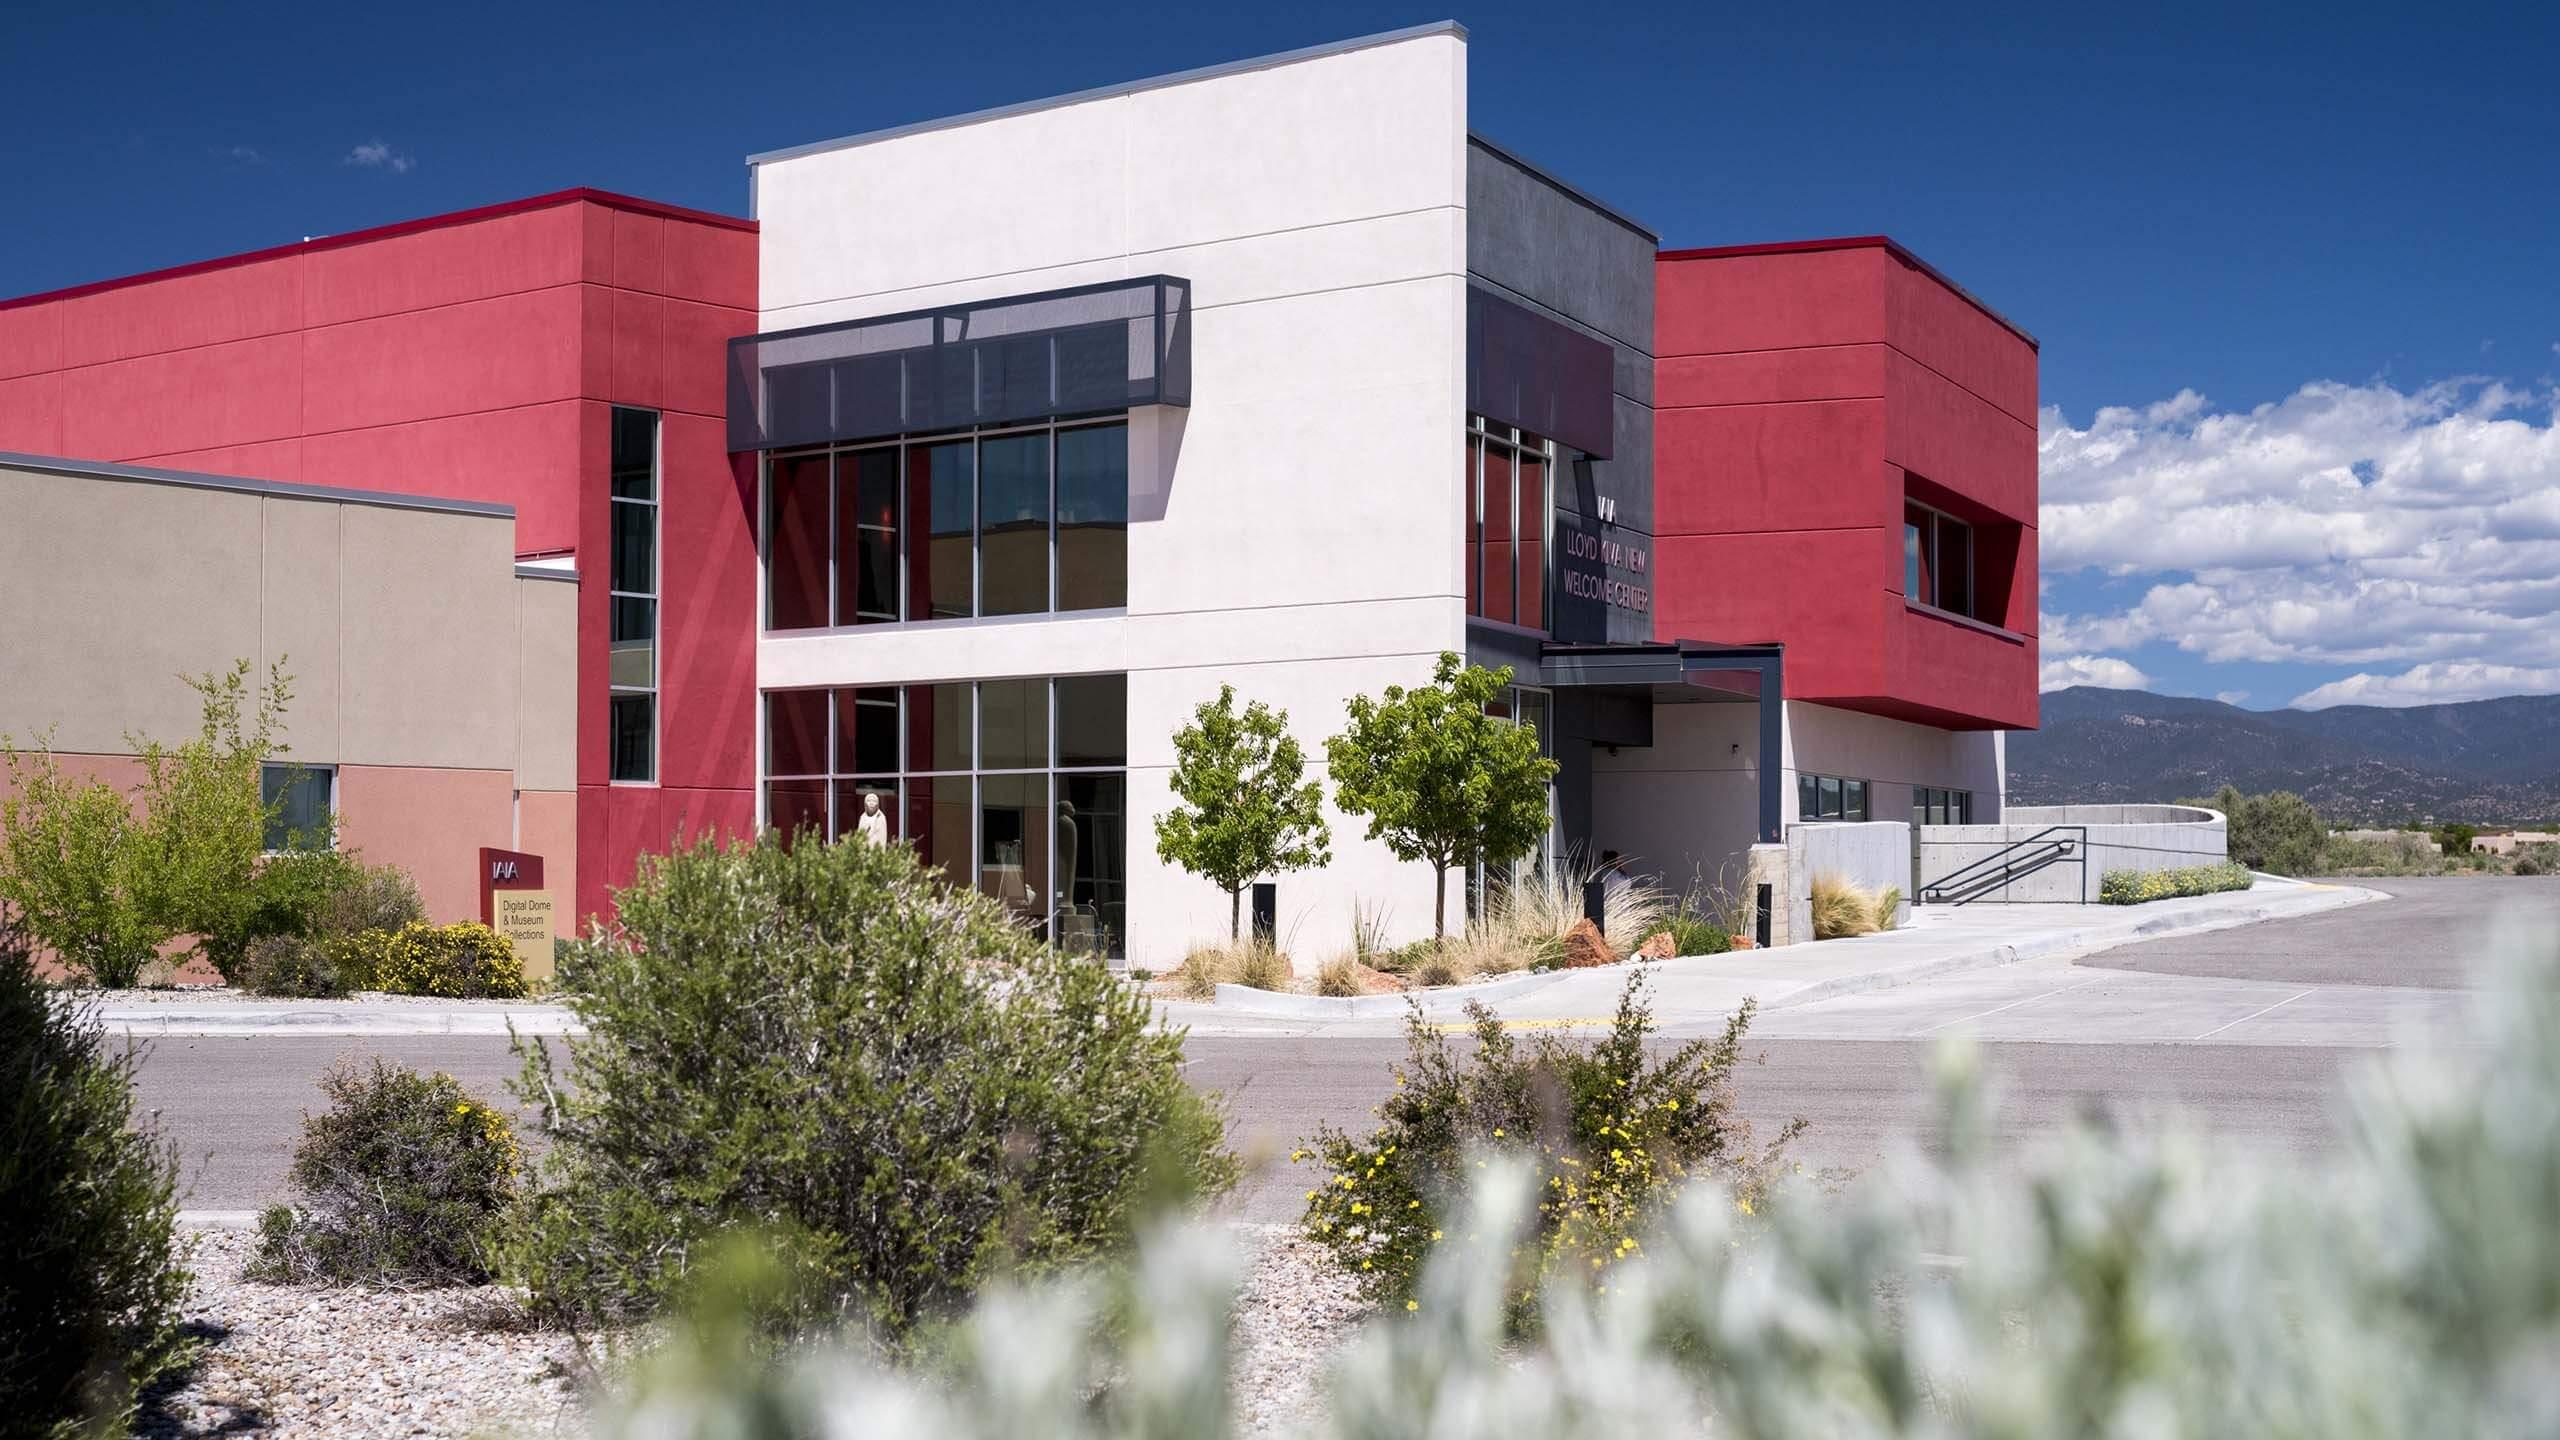 Visit Institute of American Indian Arts IAIA